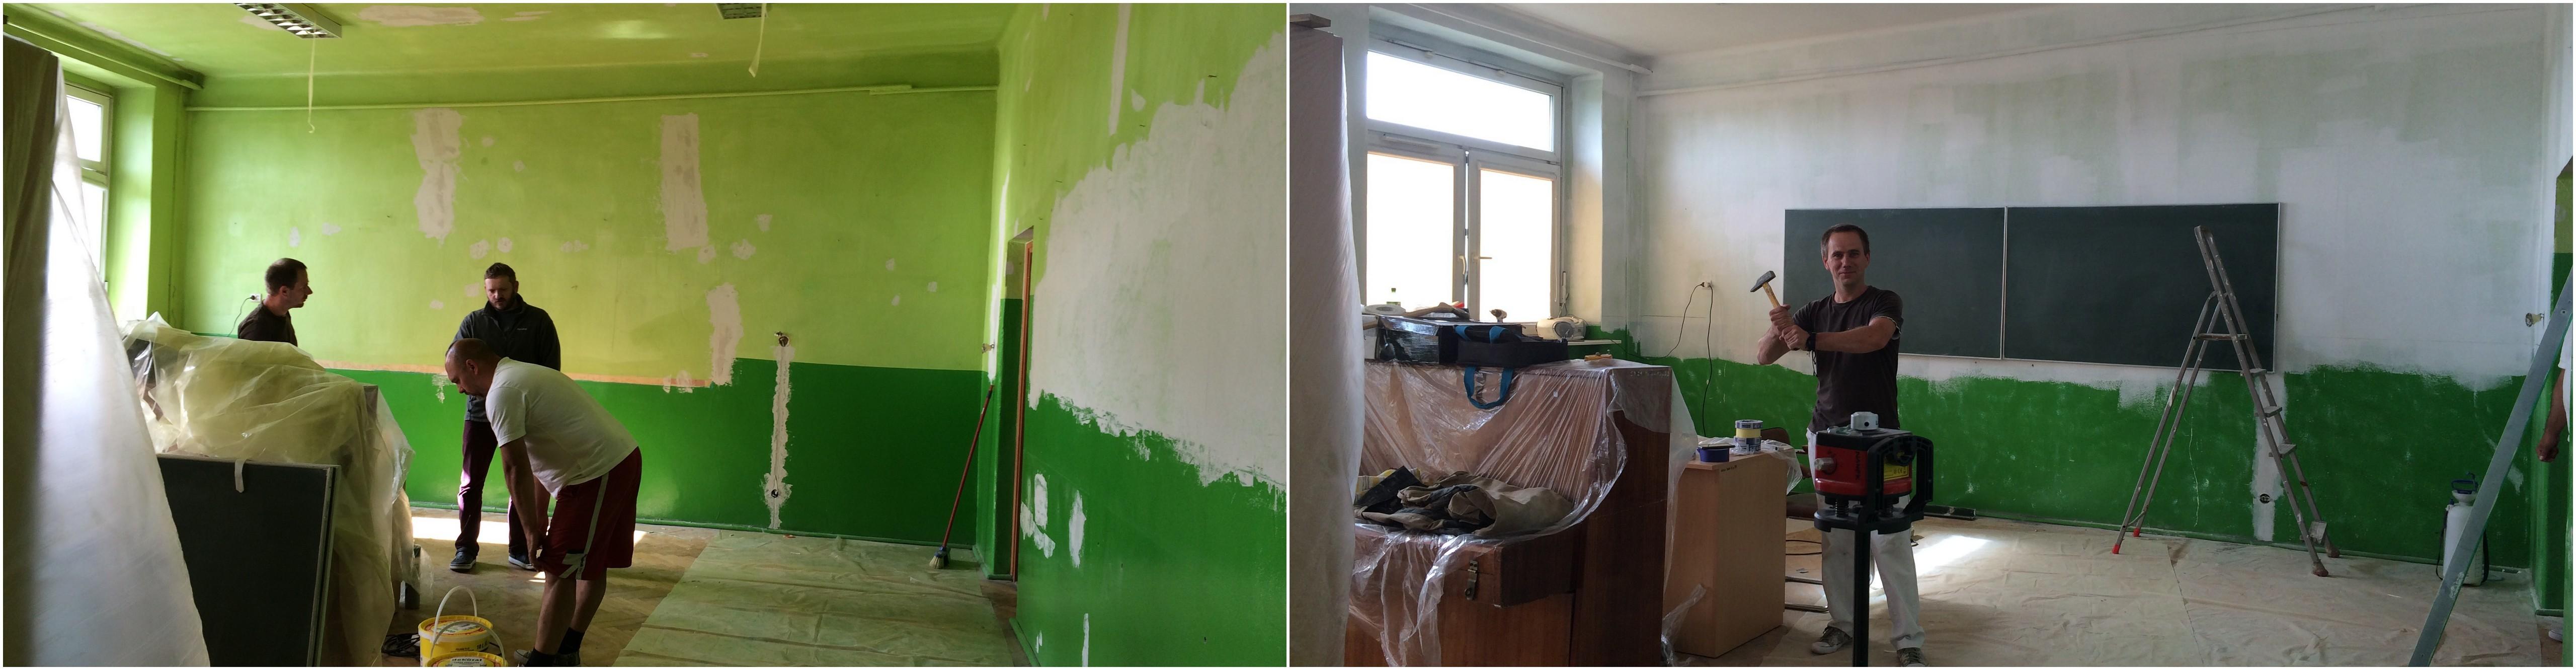 klasa-przed-malowaniem2